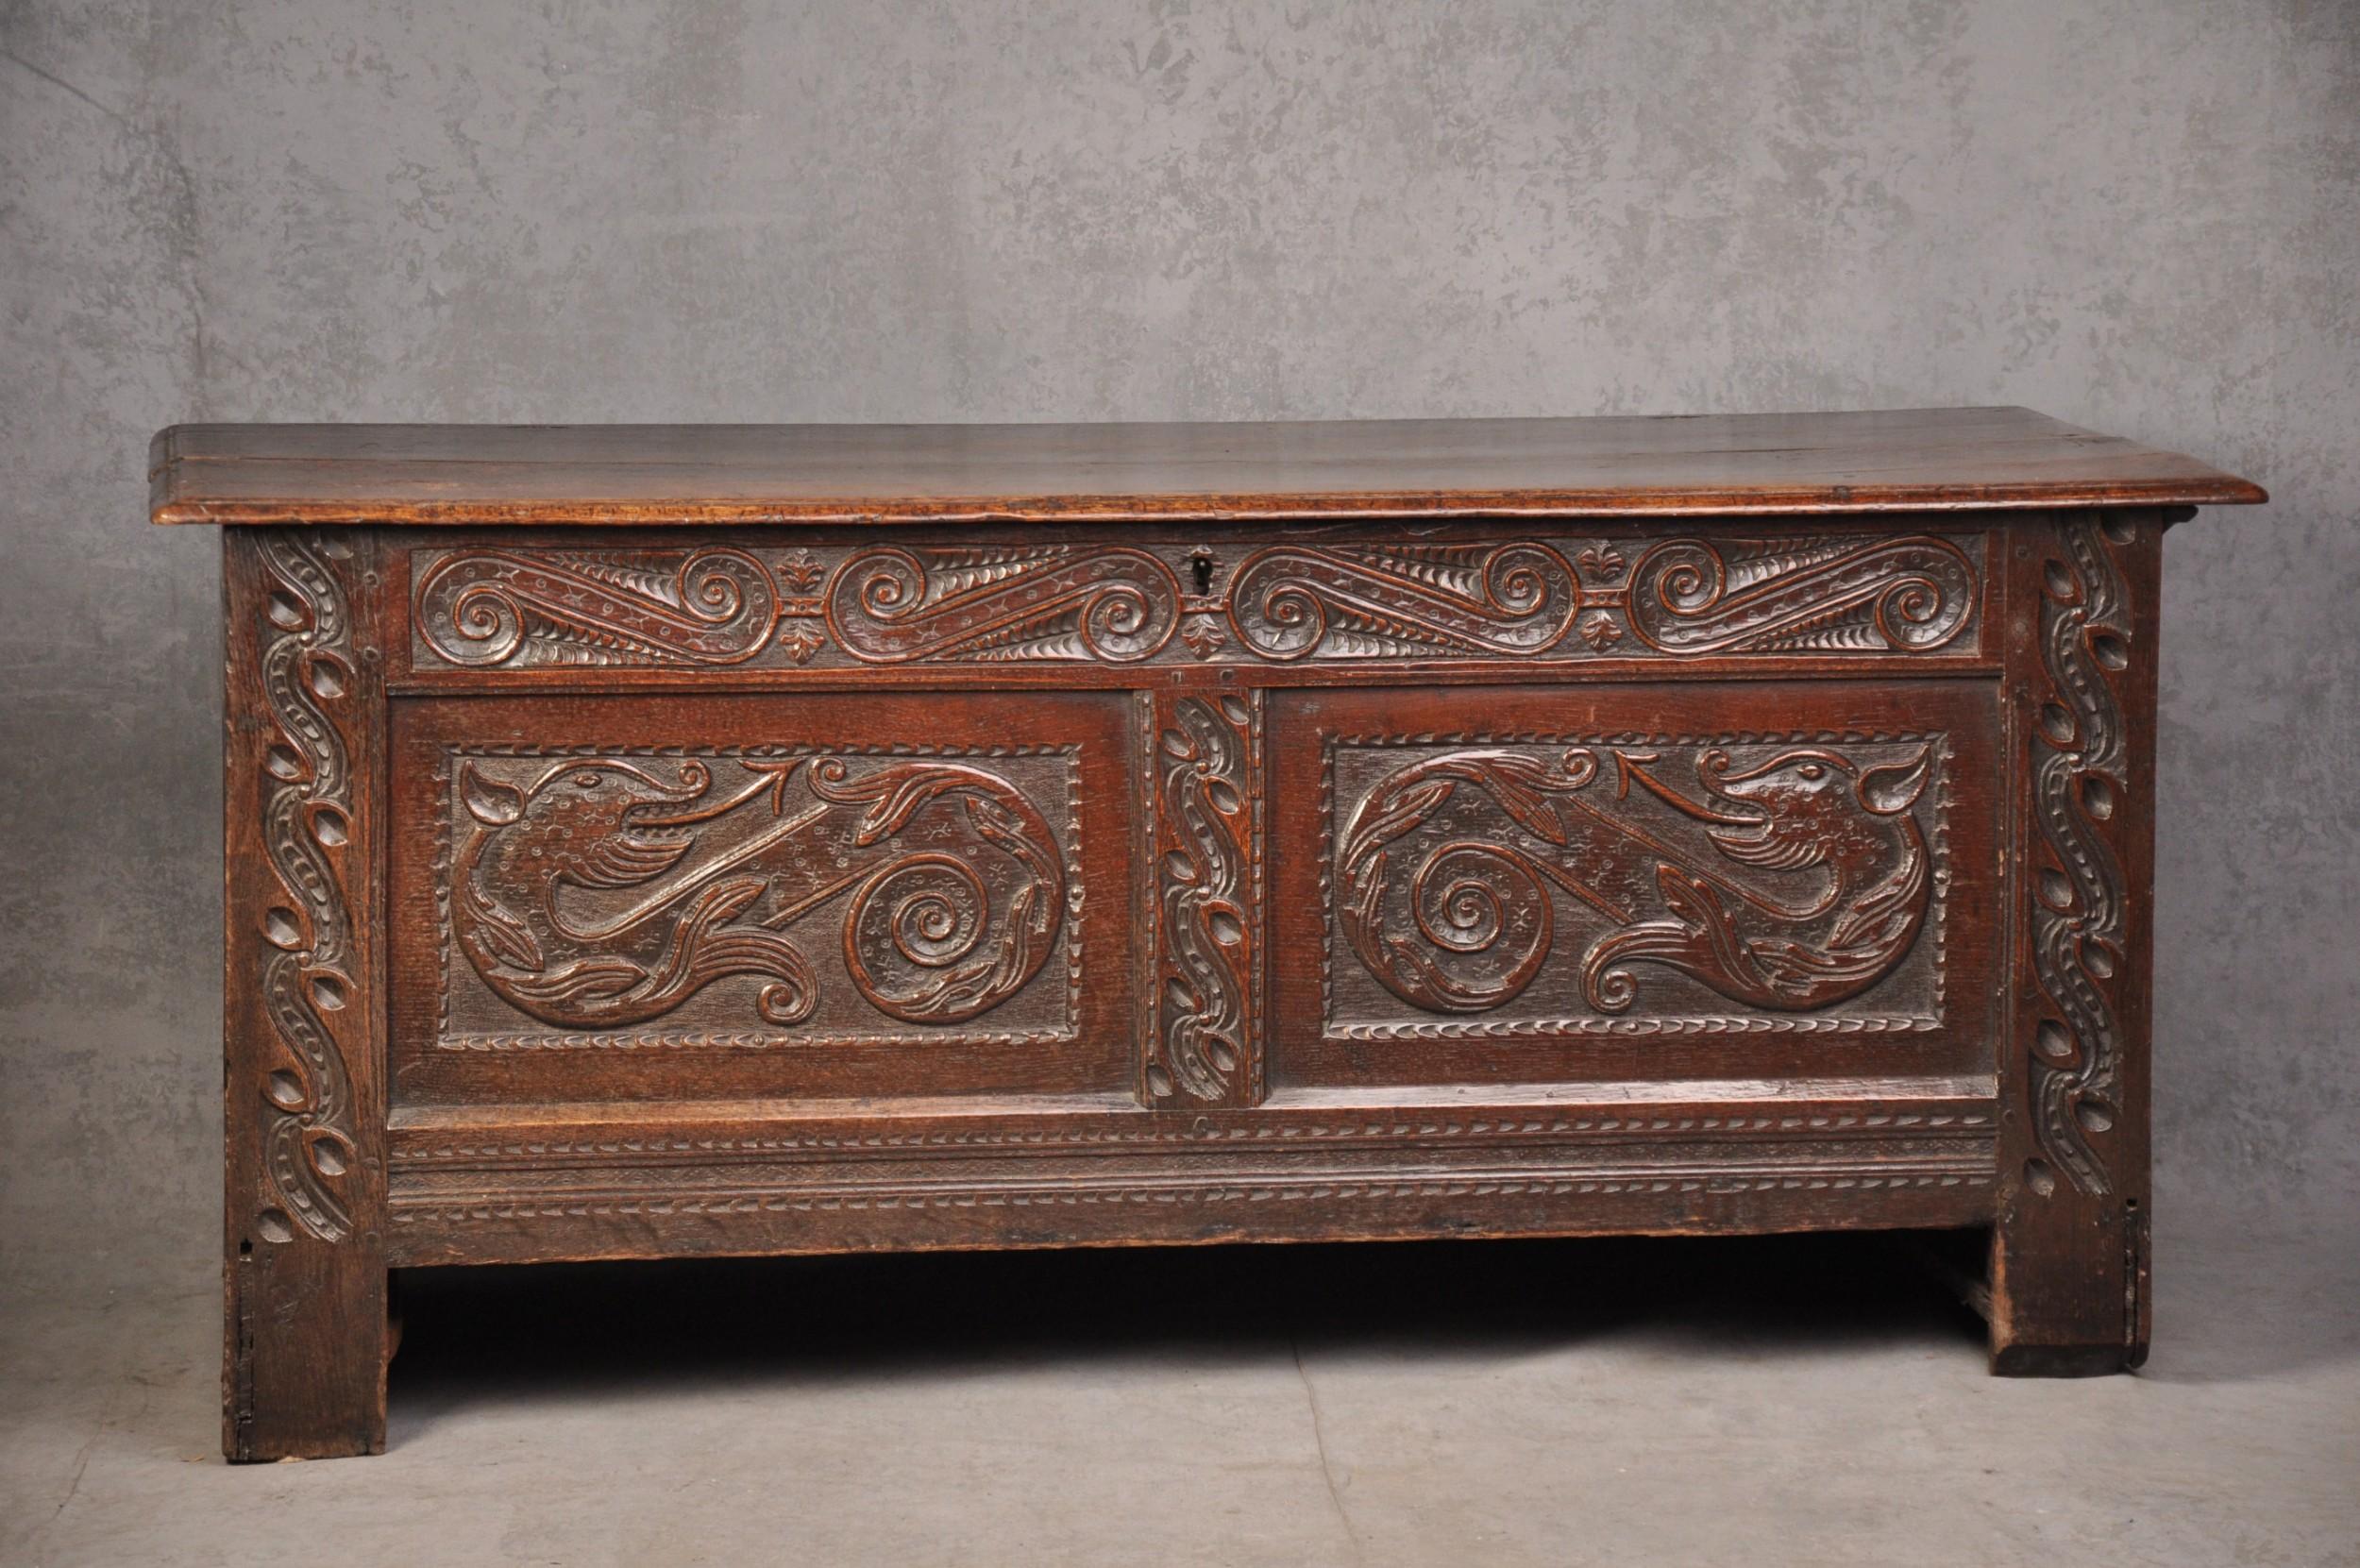 a rare 17th century oak coffer